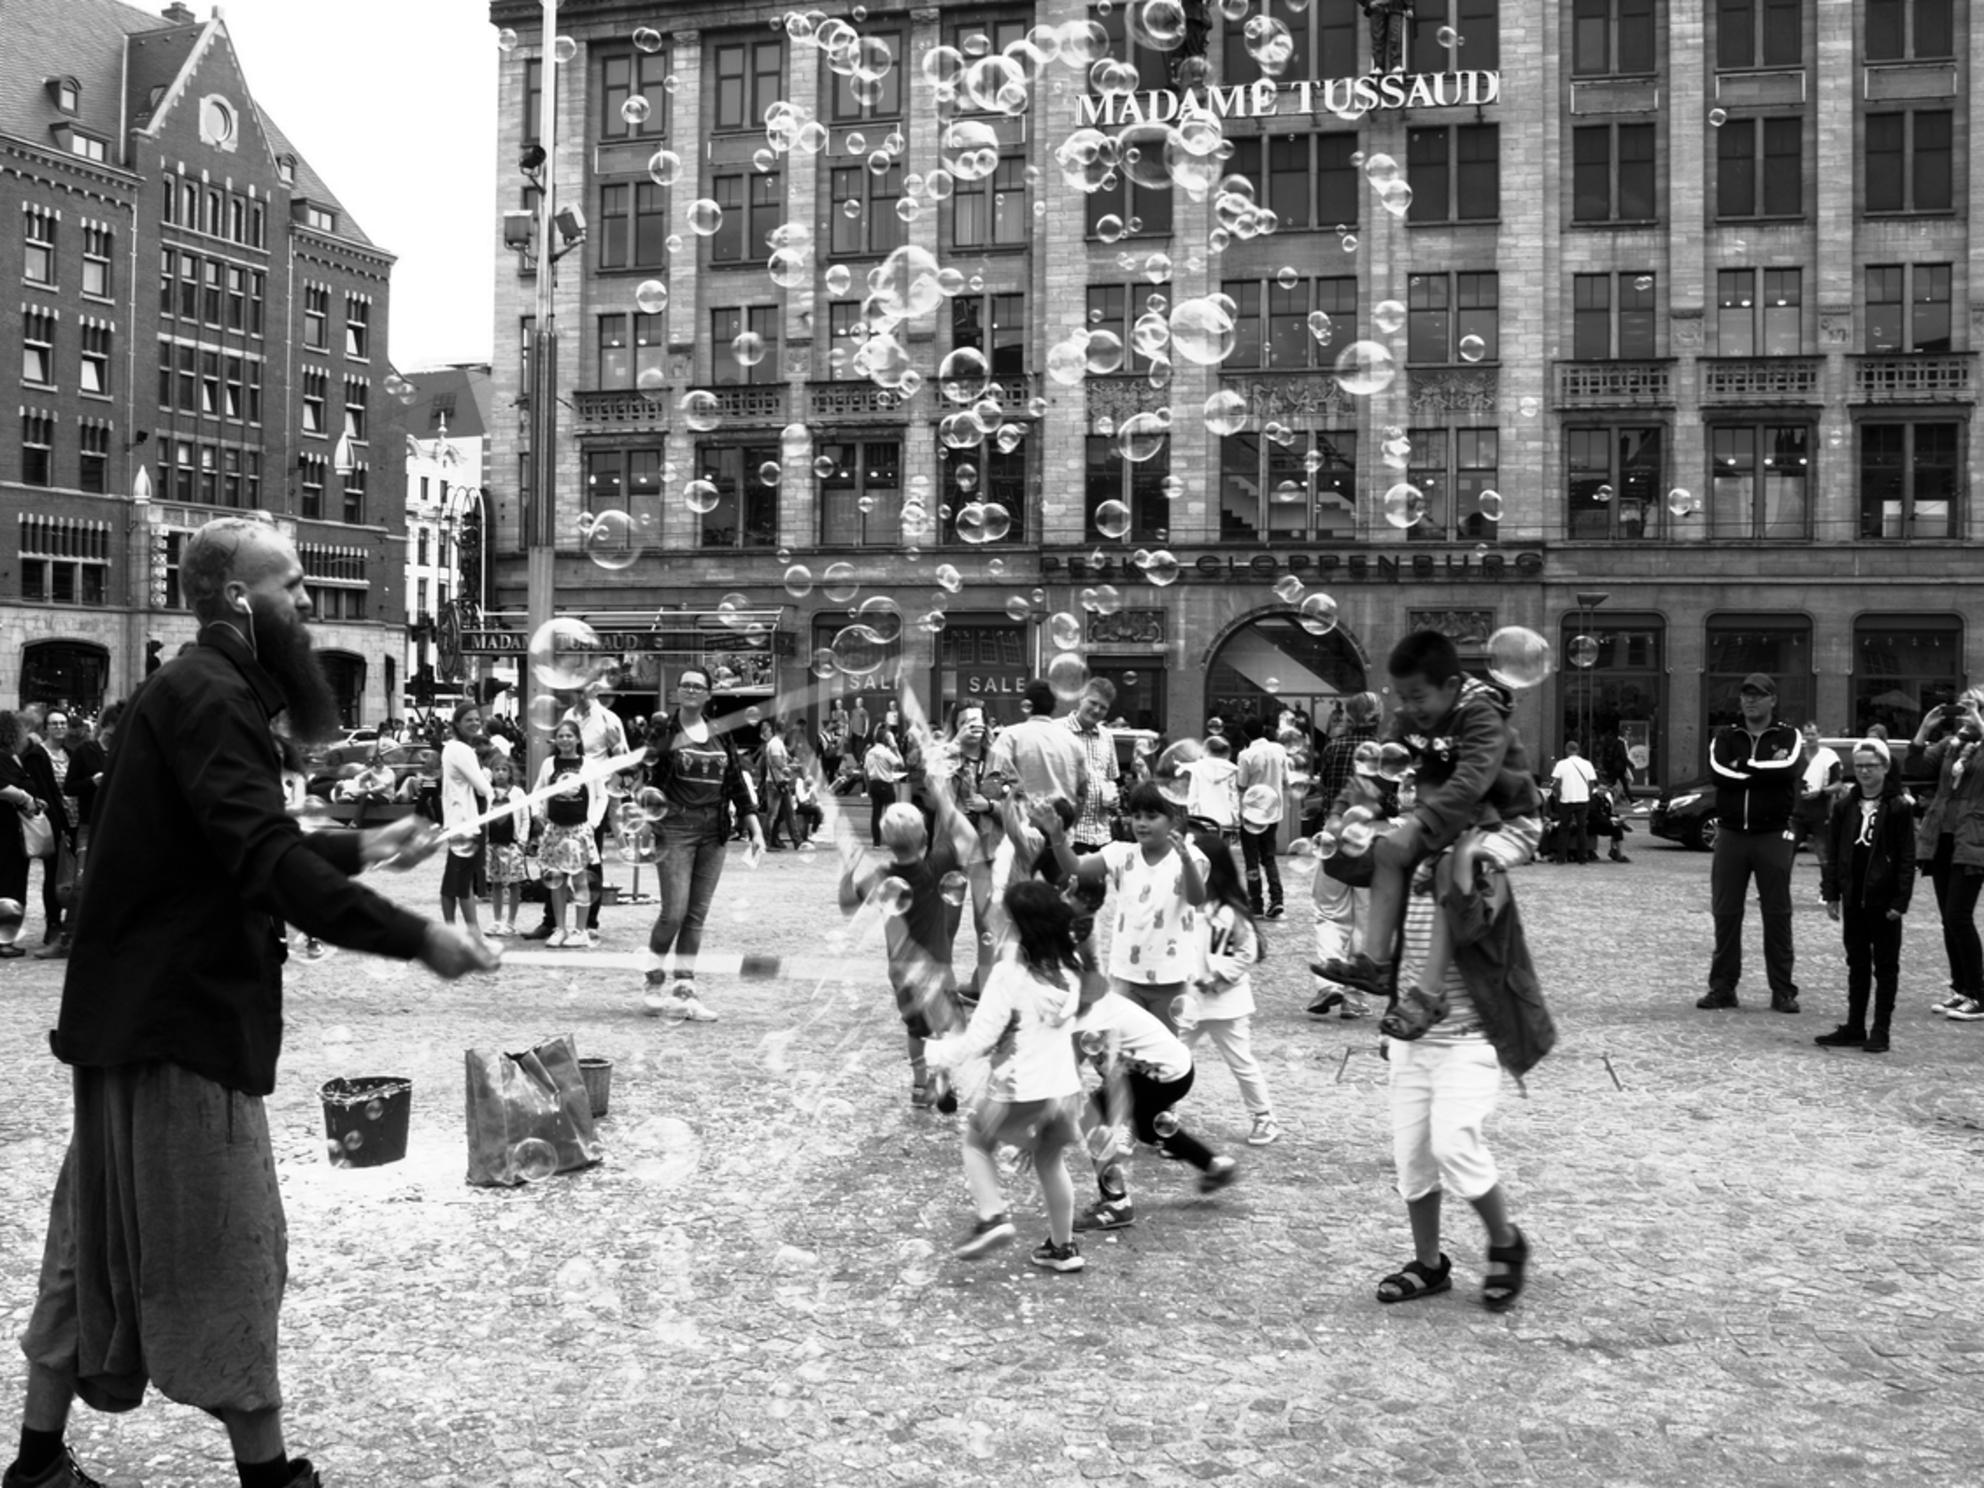 bellenblaas - gezellig op damplein in Amsterdam - foto door Gooiseroos op 13-07-2017 - deze foto bevat: man, vrouw, mensen, amsterdam, straat, markt, stad, kinderen, meisje, zwartwit, beweging, plein, feest, straatfotografie, bellenblaas, centrum, baard, Madame Tussaud - Deze foto mag gebruikt worden in een Zoom.nl publicatie